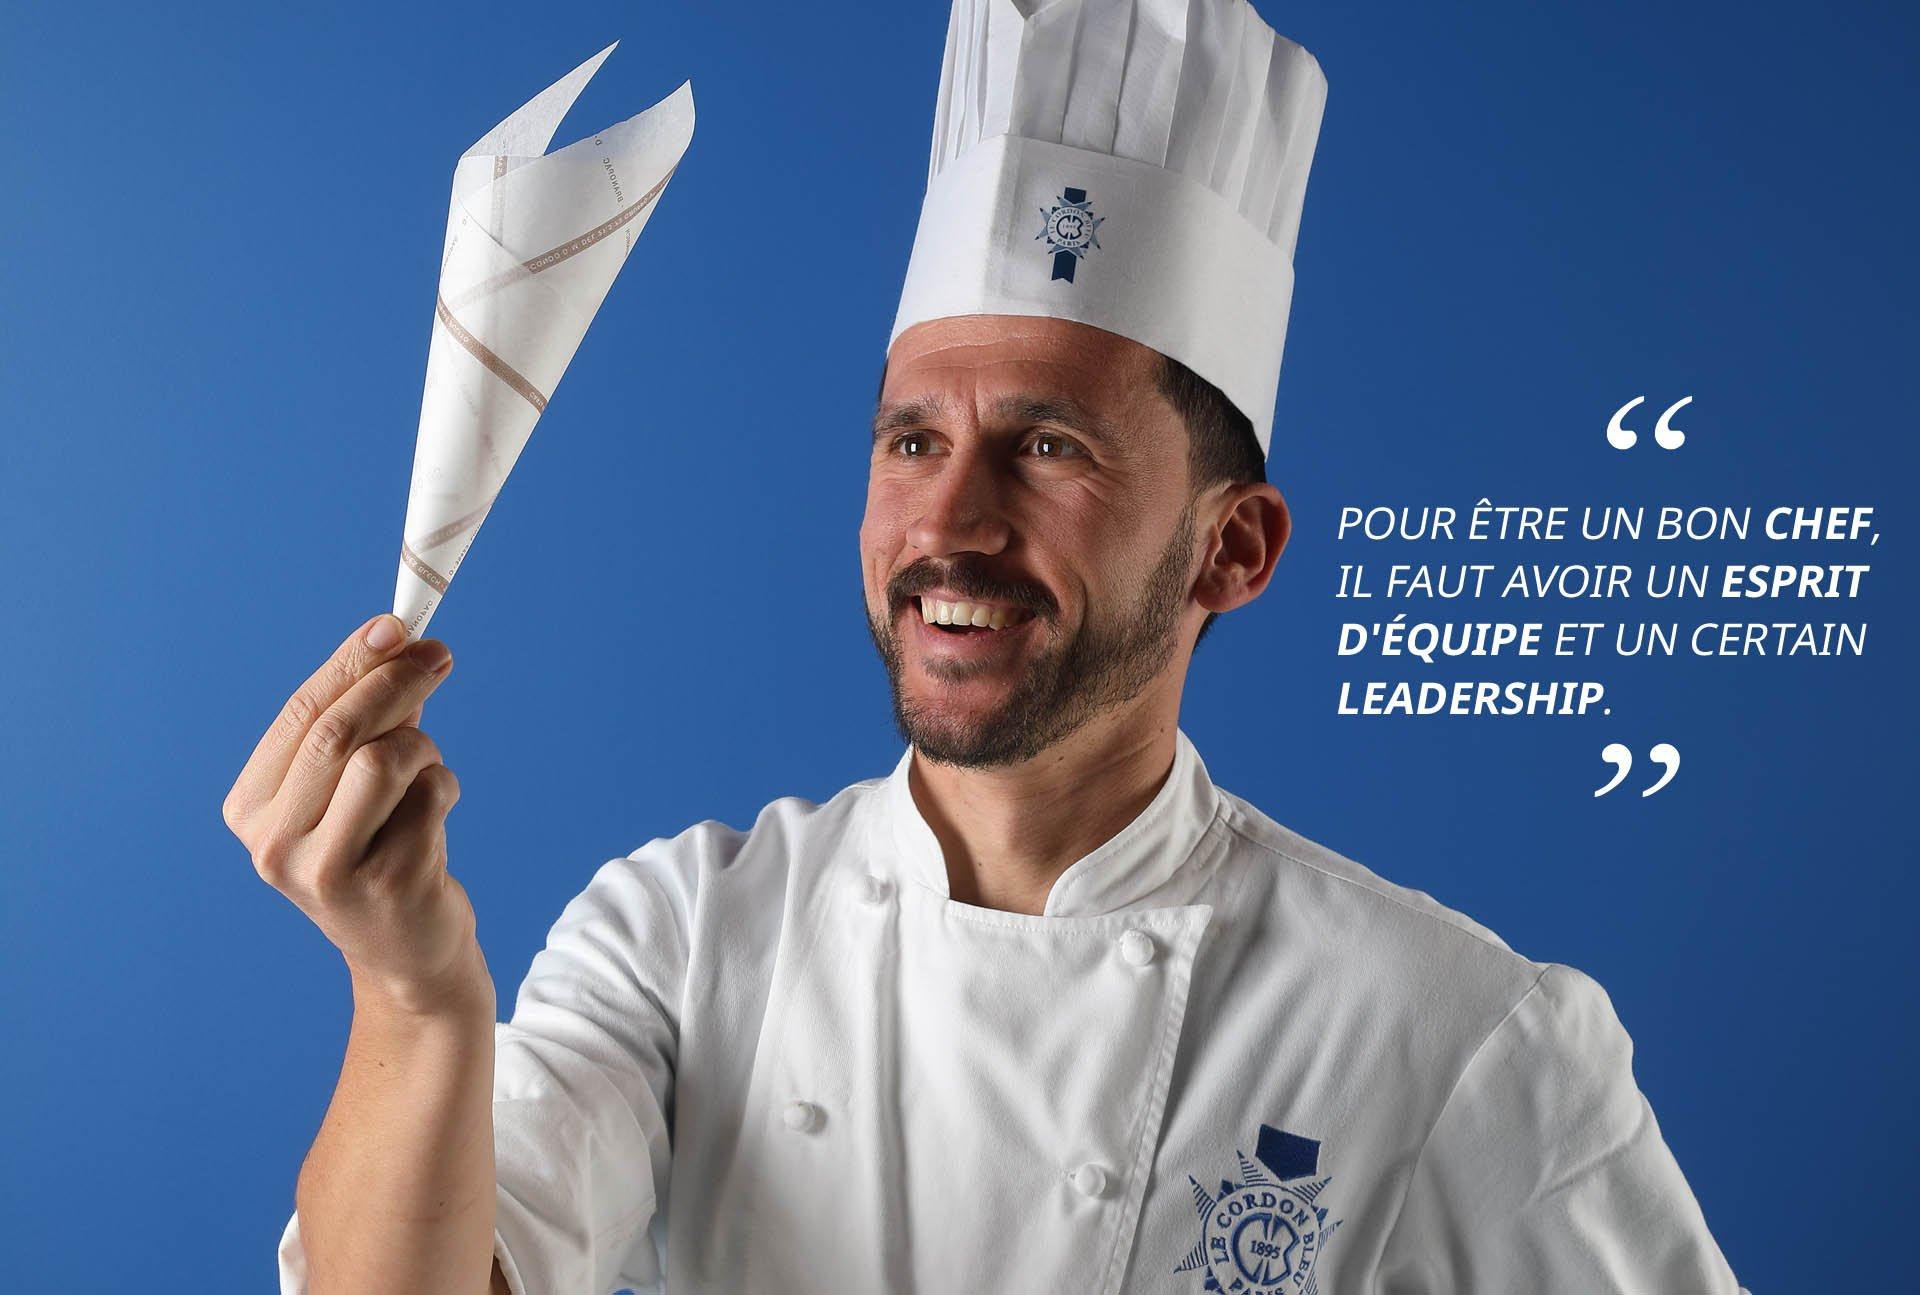 Chef pâtissier Guillaume Sinden